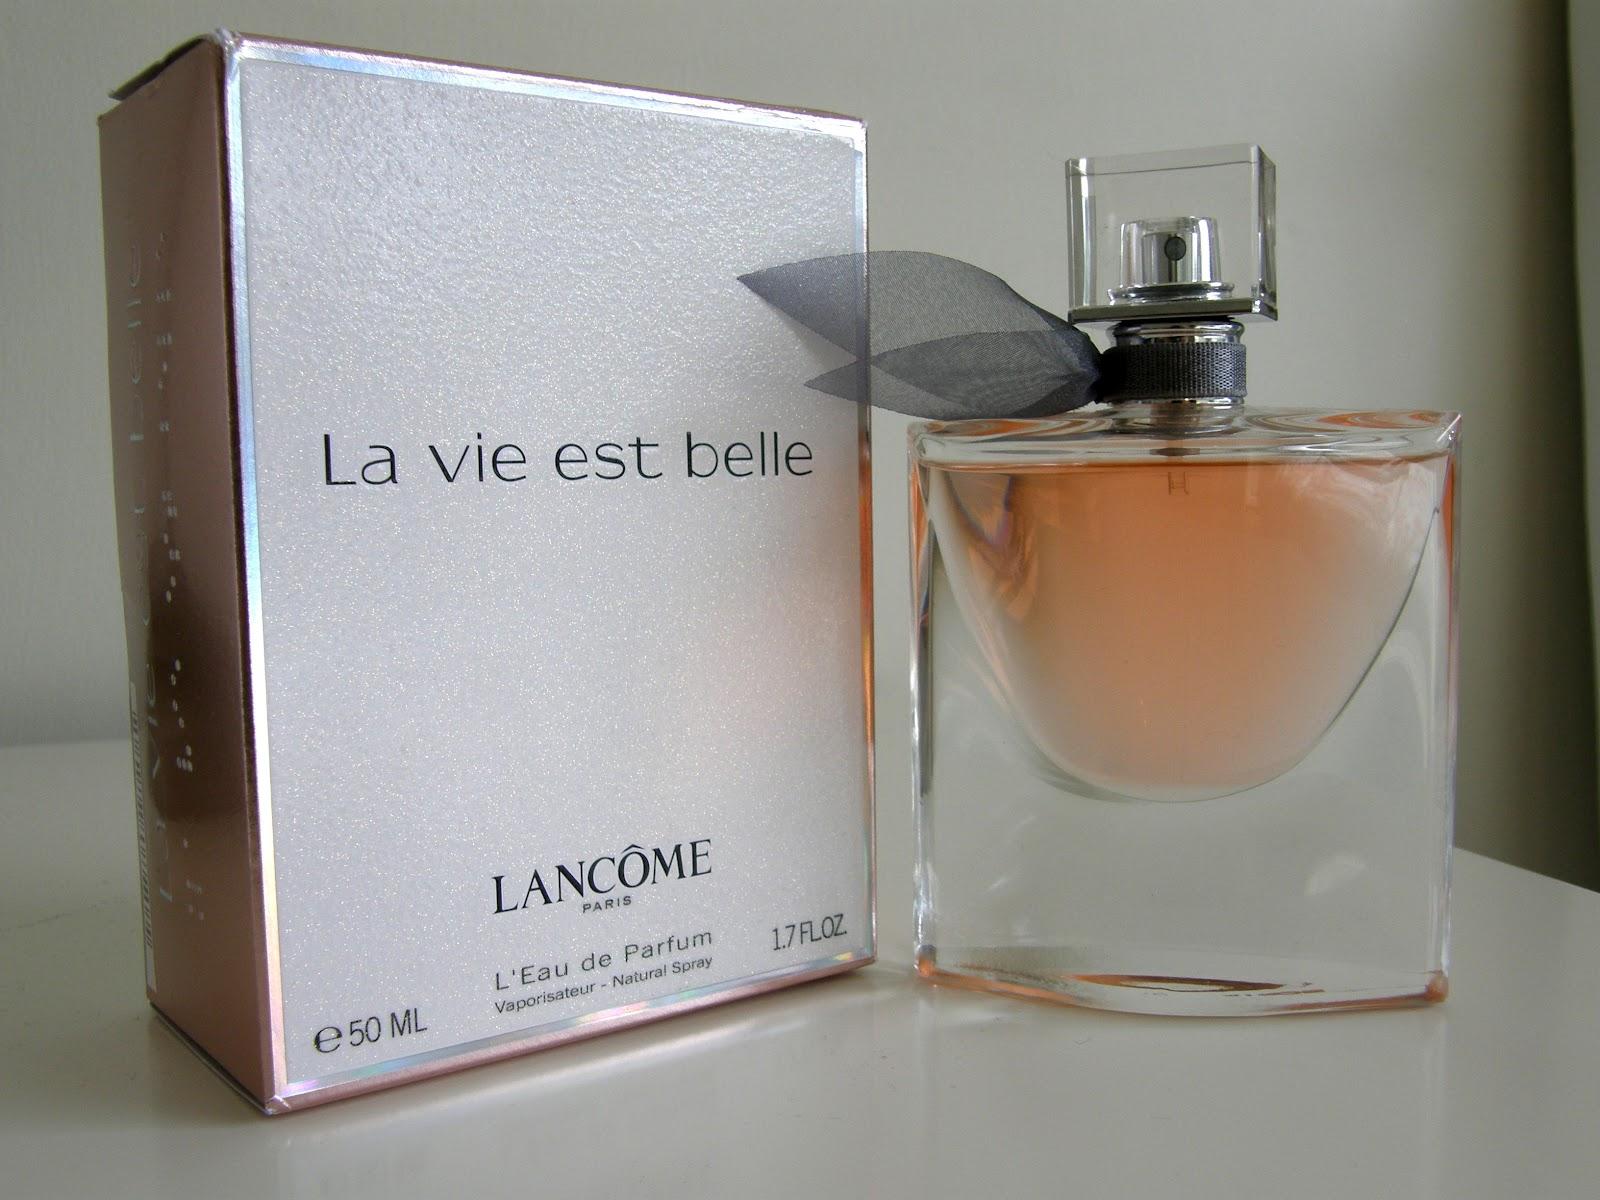 lancome la vie est belle fragrance review emerald eyeliner. Black Bedroom Furniture Sets. Home Design Ideas